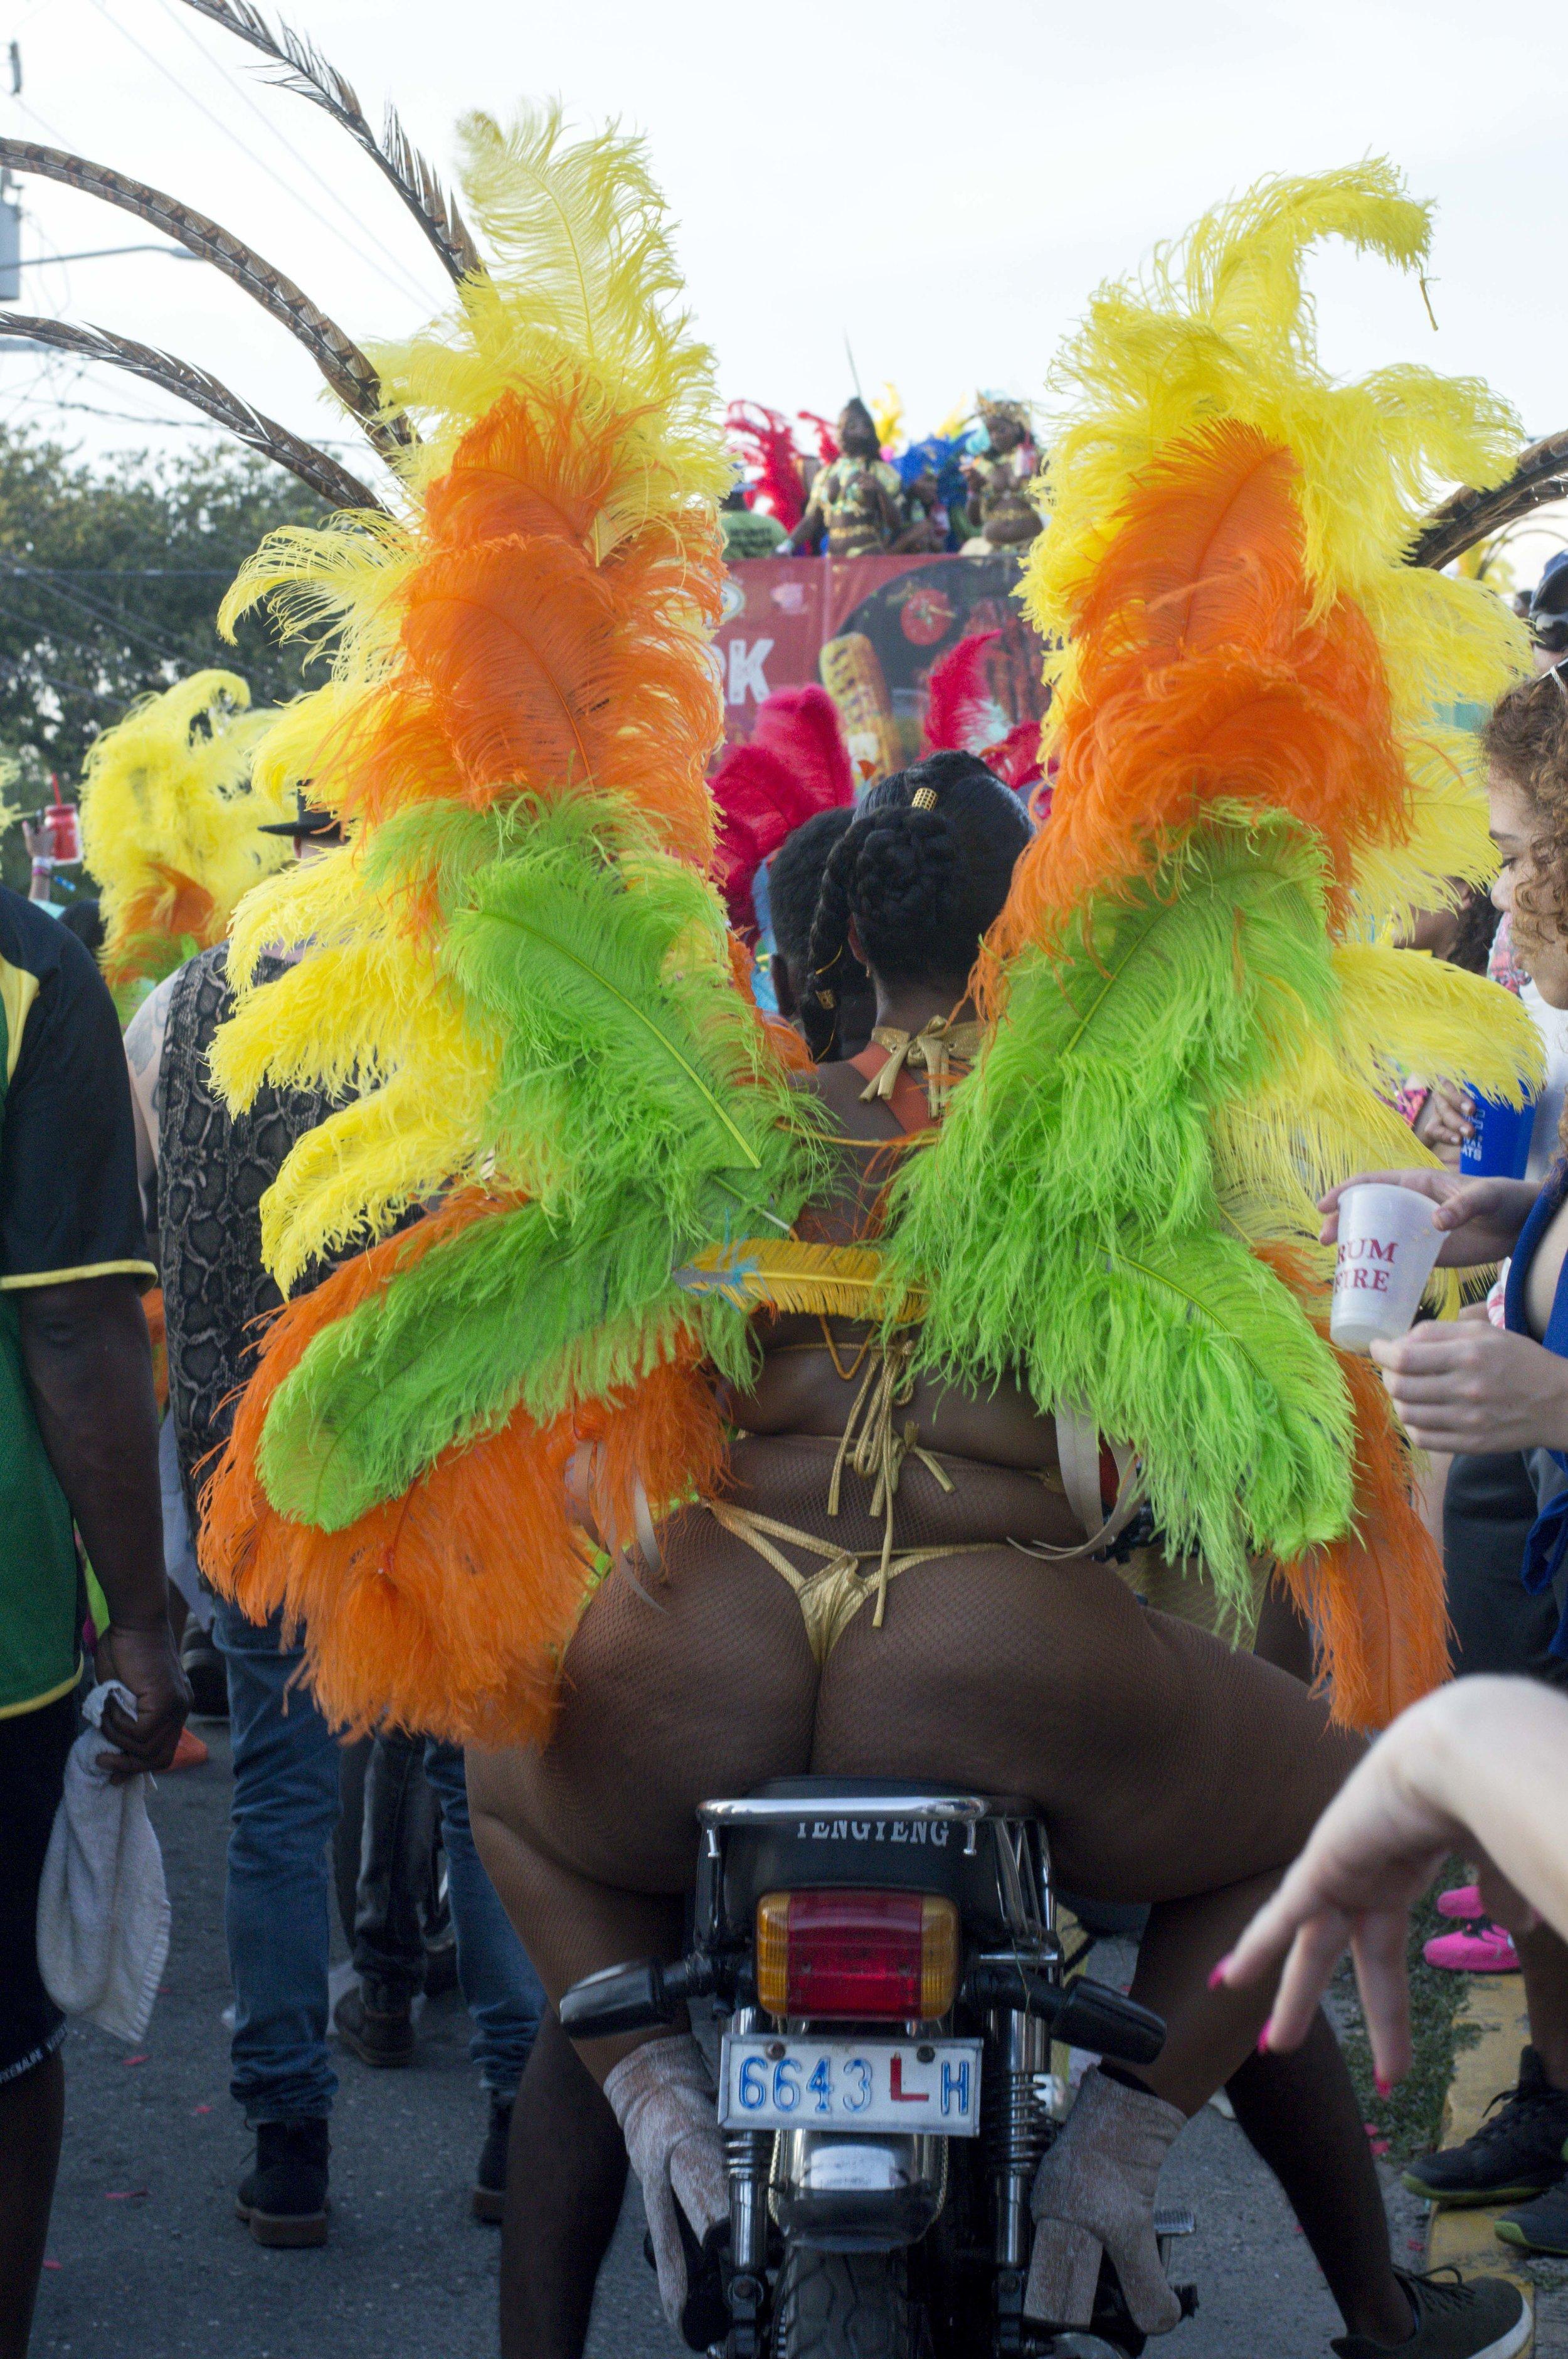 carnival2019_jeanalindo-41.jpg